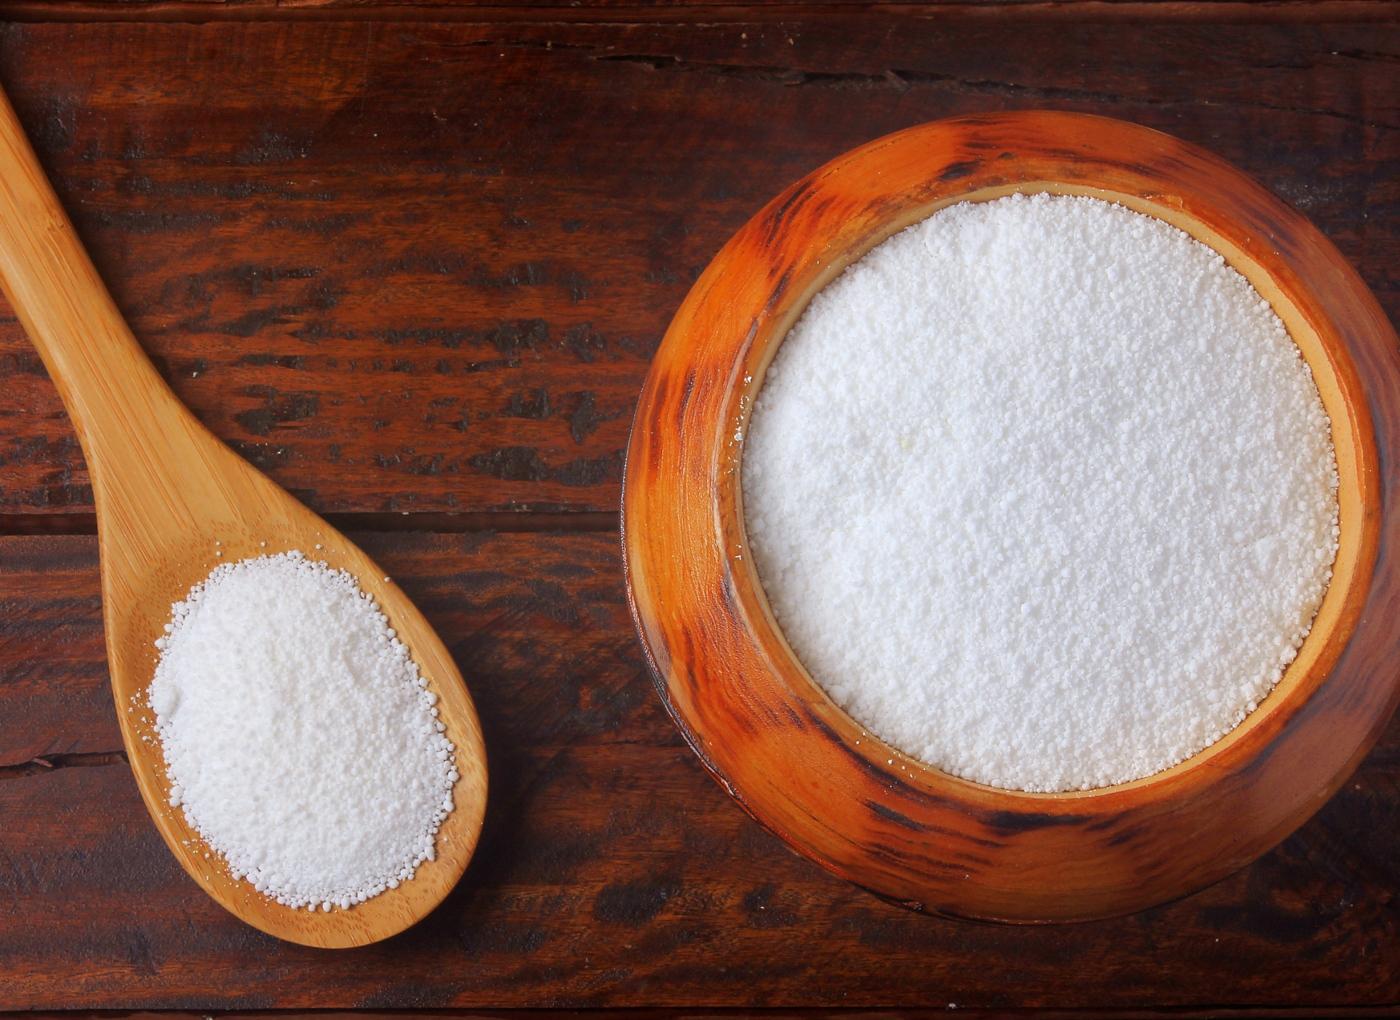 Polvilho doce: o que é e benefícios